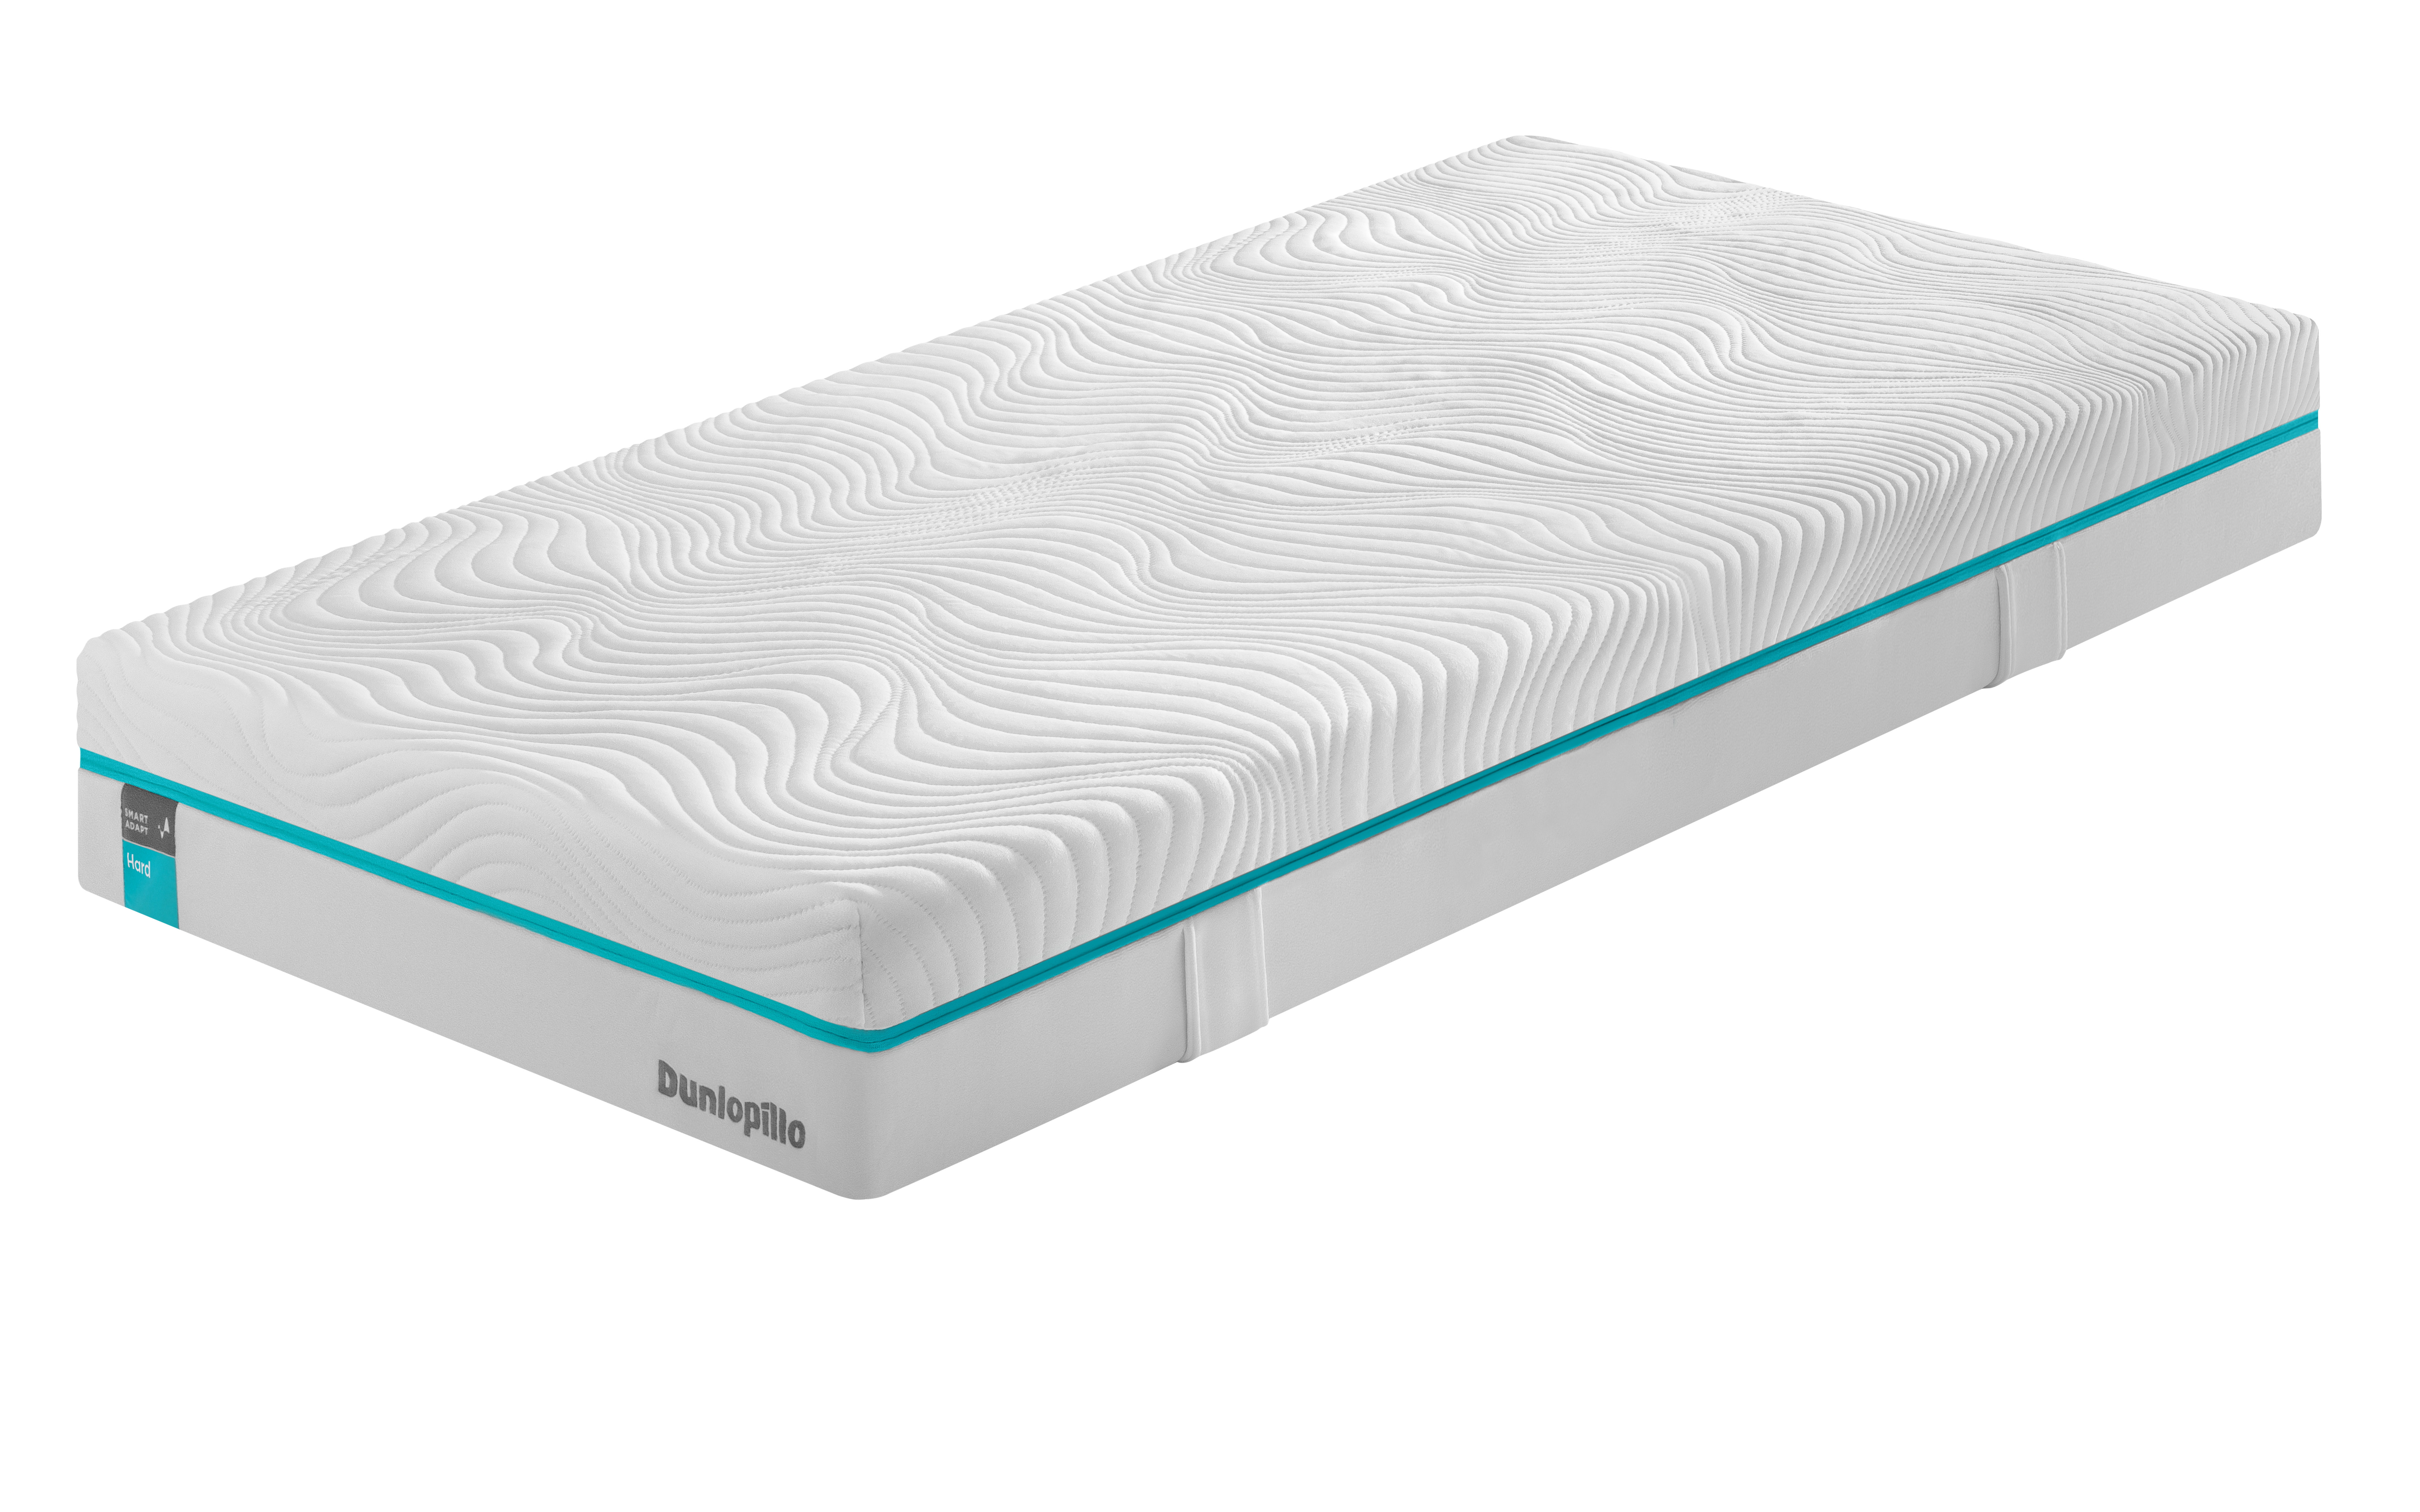 Matratze weiß, blaues Etikett